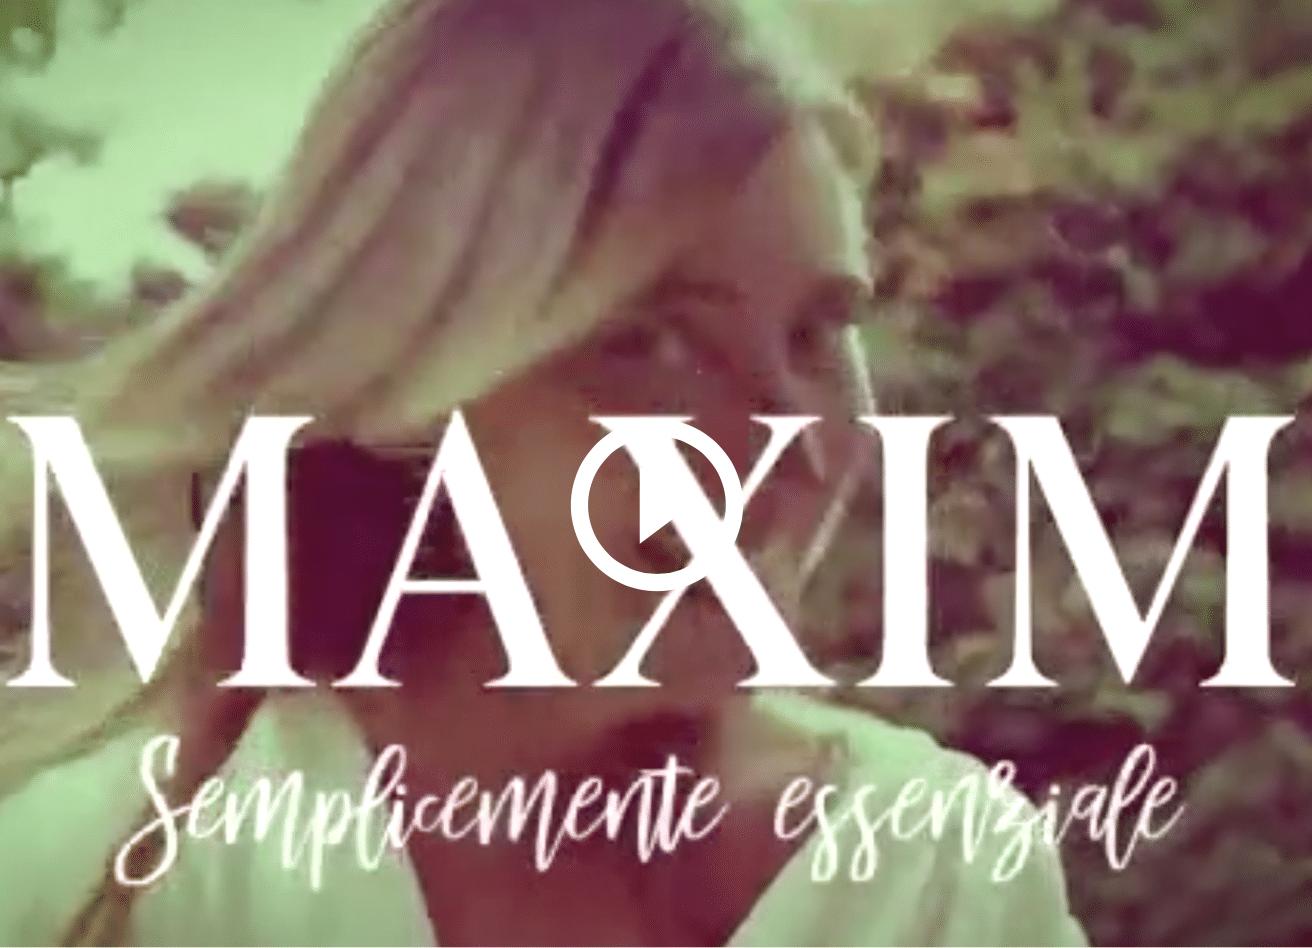 Maria Elena Boschi umiliata per la copertina su Maxim: 'Sembra una velina…